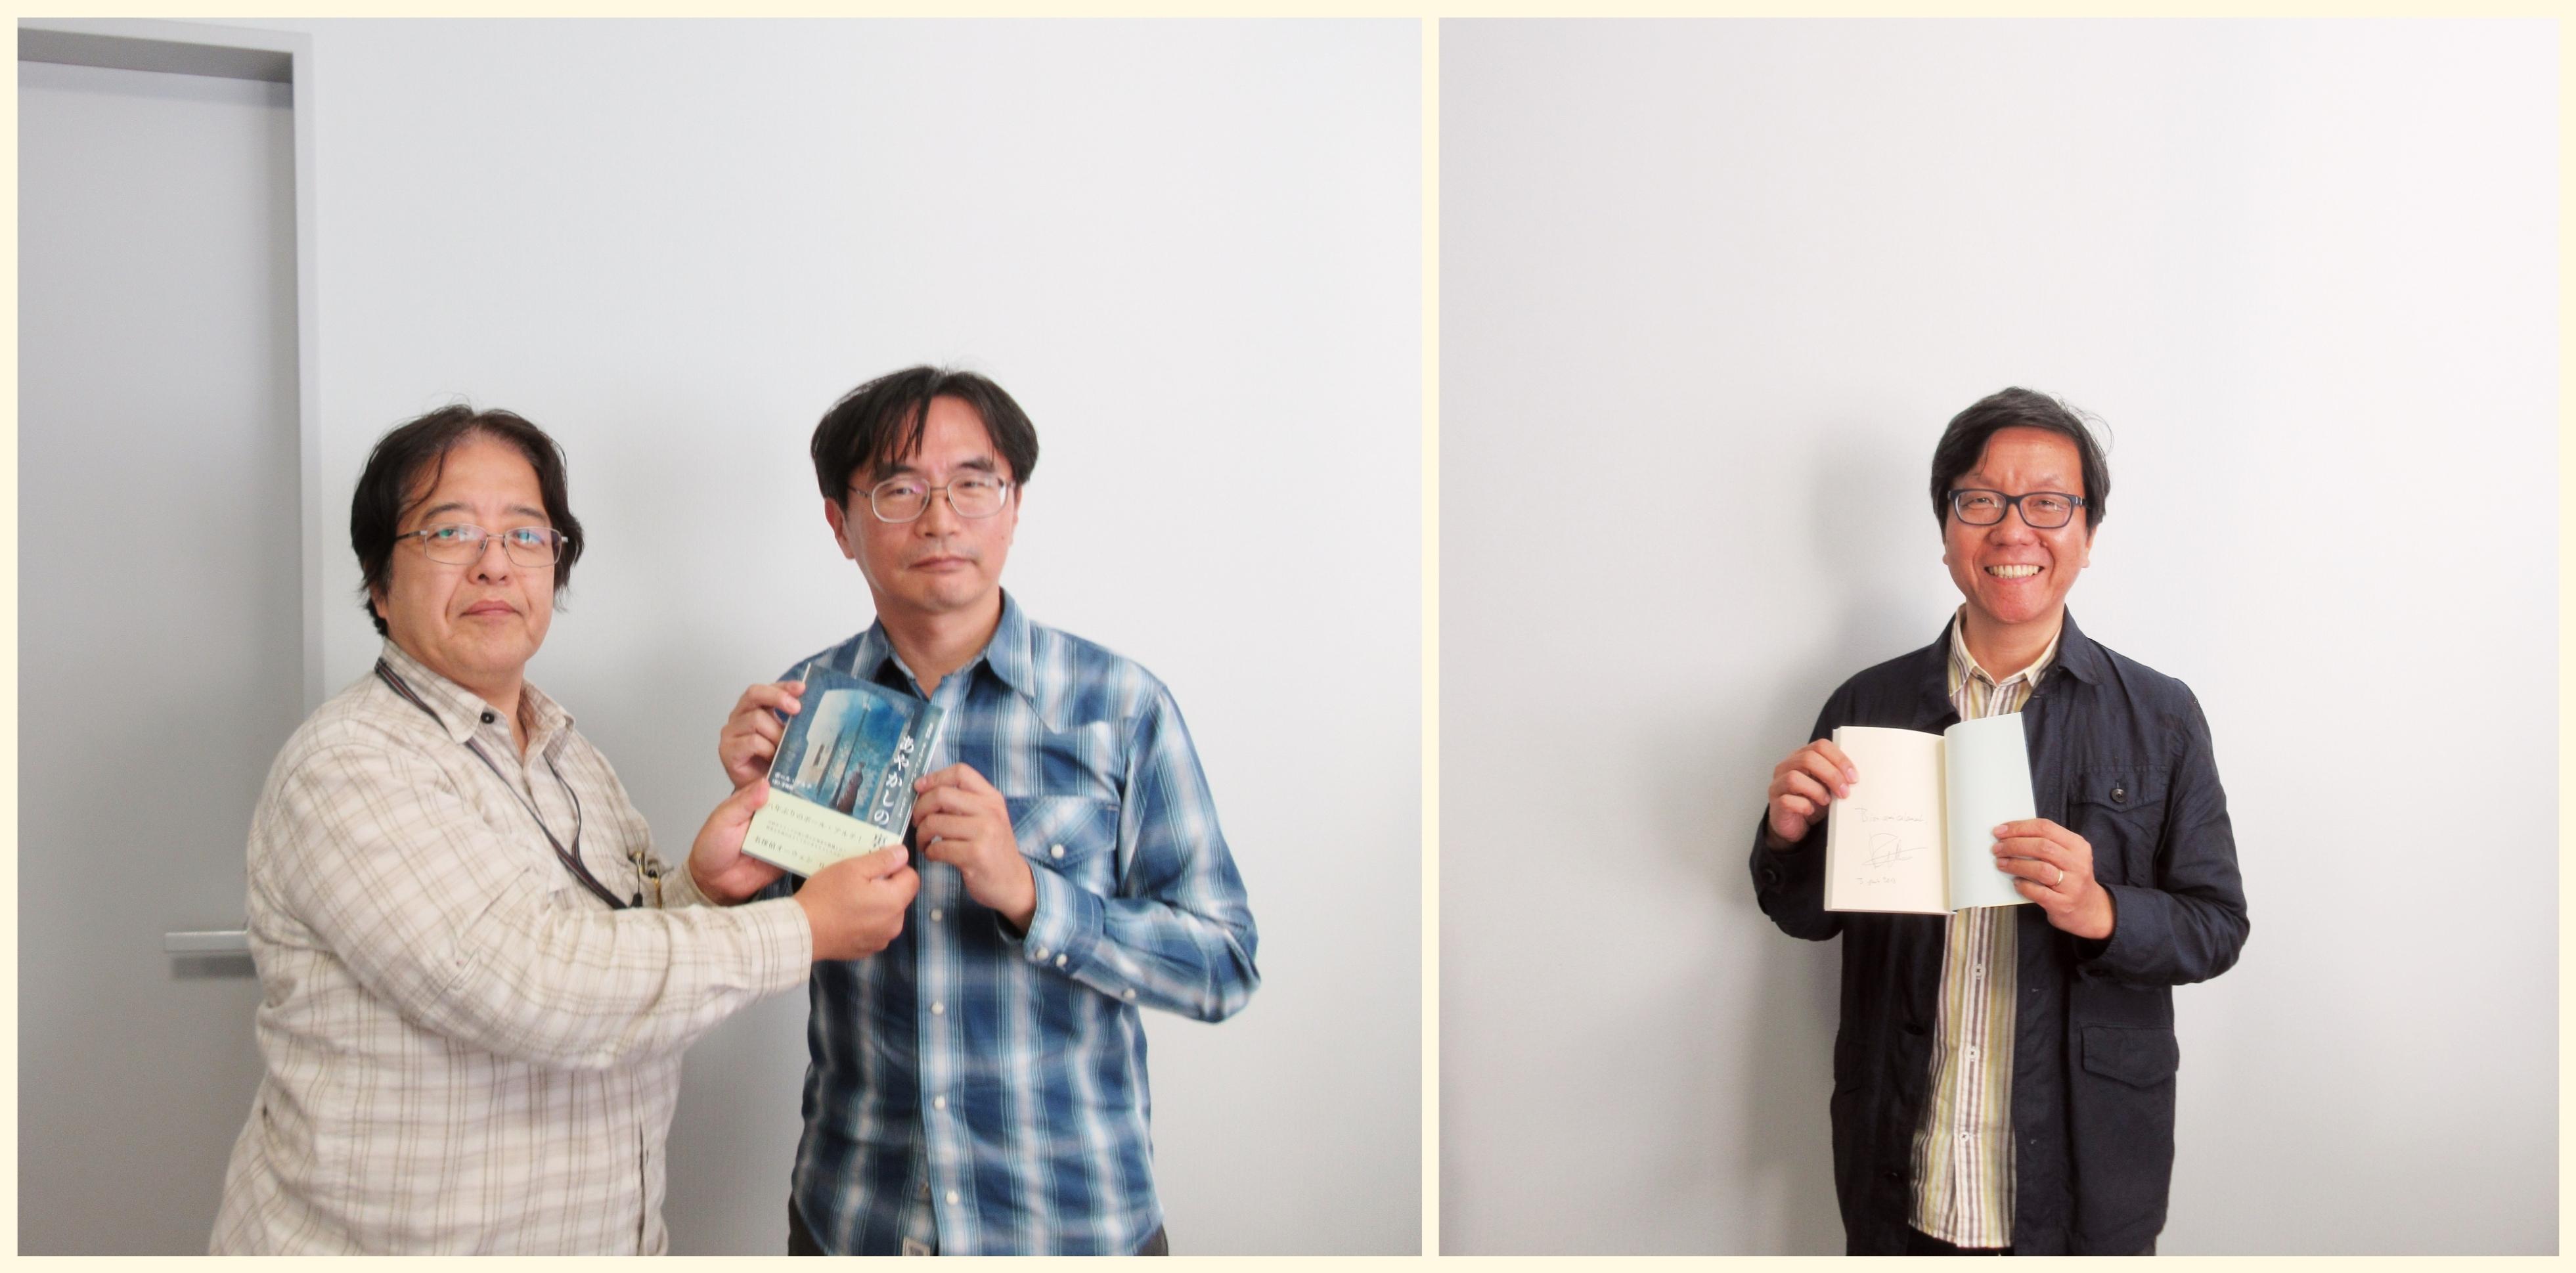 本格ミステリ作家クラブ会長の東川篤哉氏、事務局長の太田忠司氏に『あやかしの裏通り』をご進呈しました!